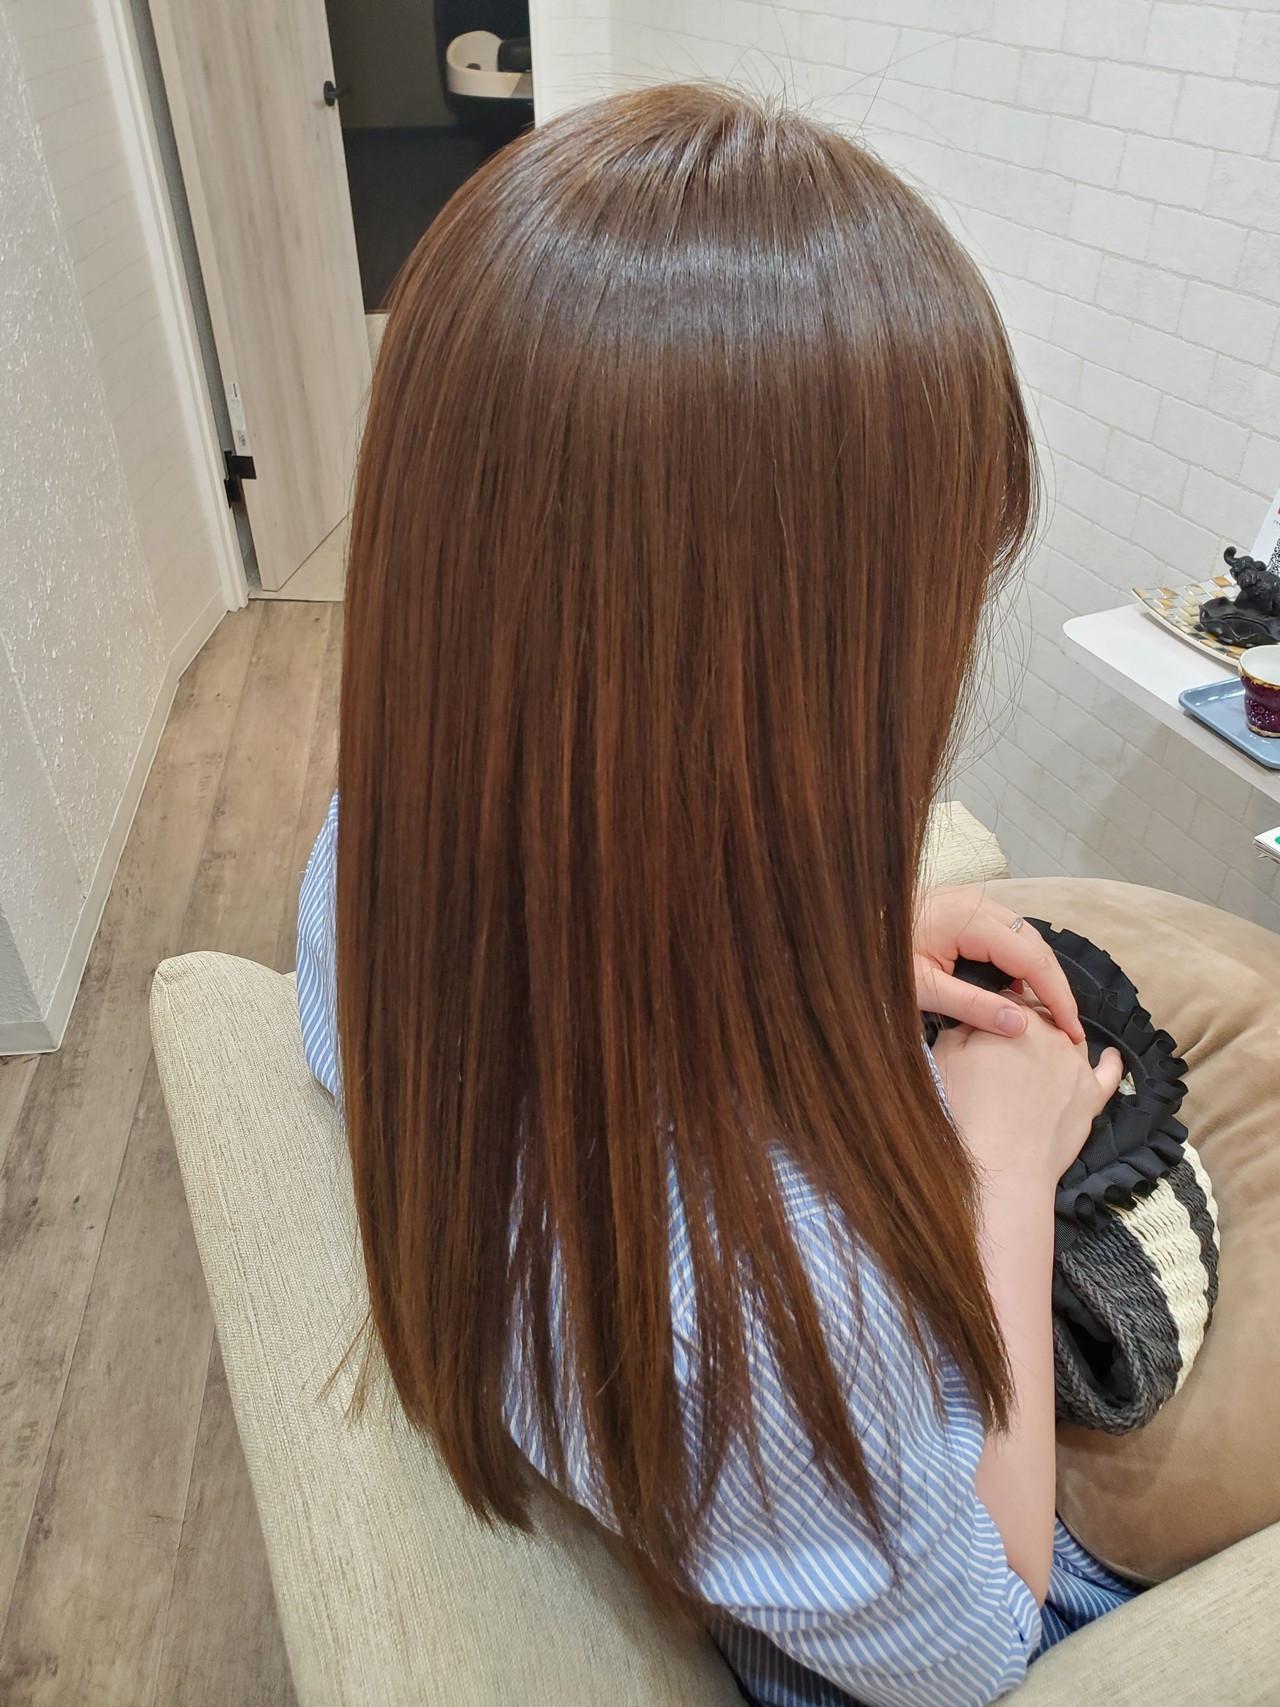 艶髪 縮毛矯正名古屋市 縮毛矯正ストカール ロング ヘアスタイルや髪型の写真・画像